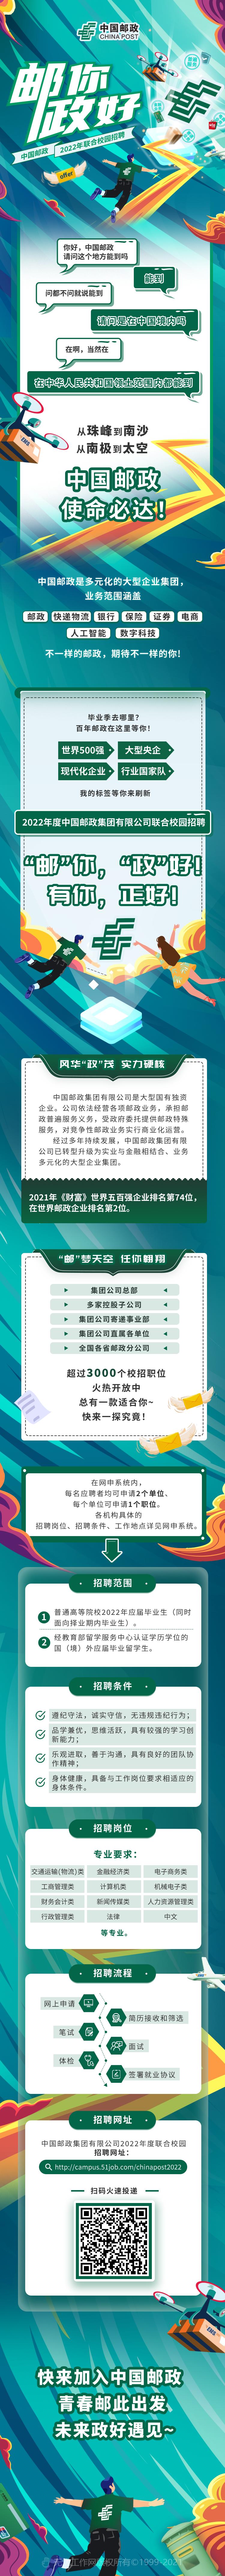 超3000个心动的offer!云南有岗位!中国邮政2022年招聘公告